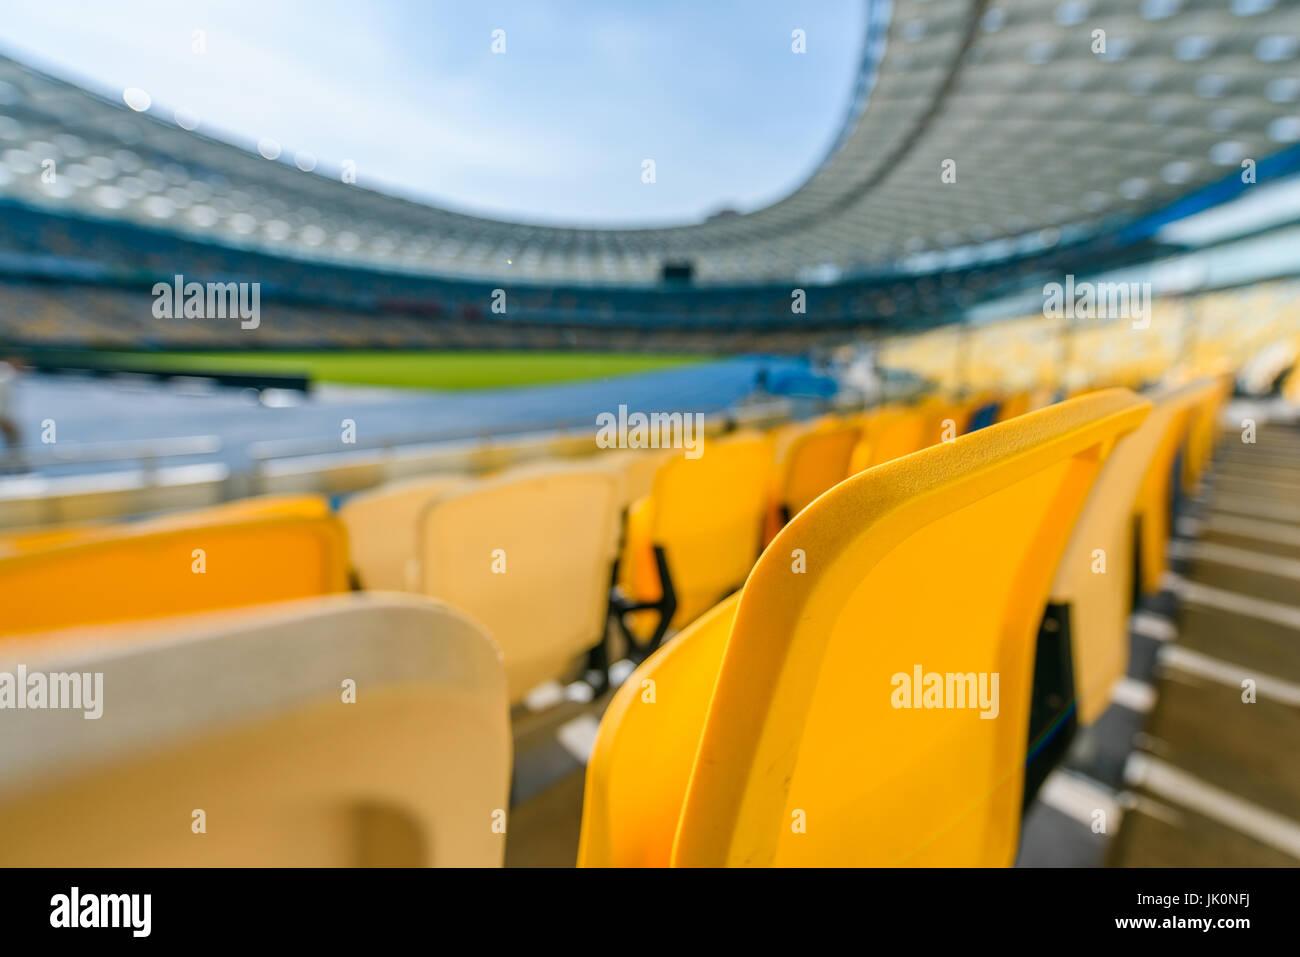 Focus sélectif de jaune sur les sièges du stade stade de football Photo Stock